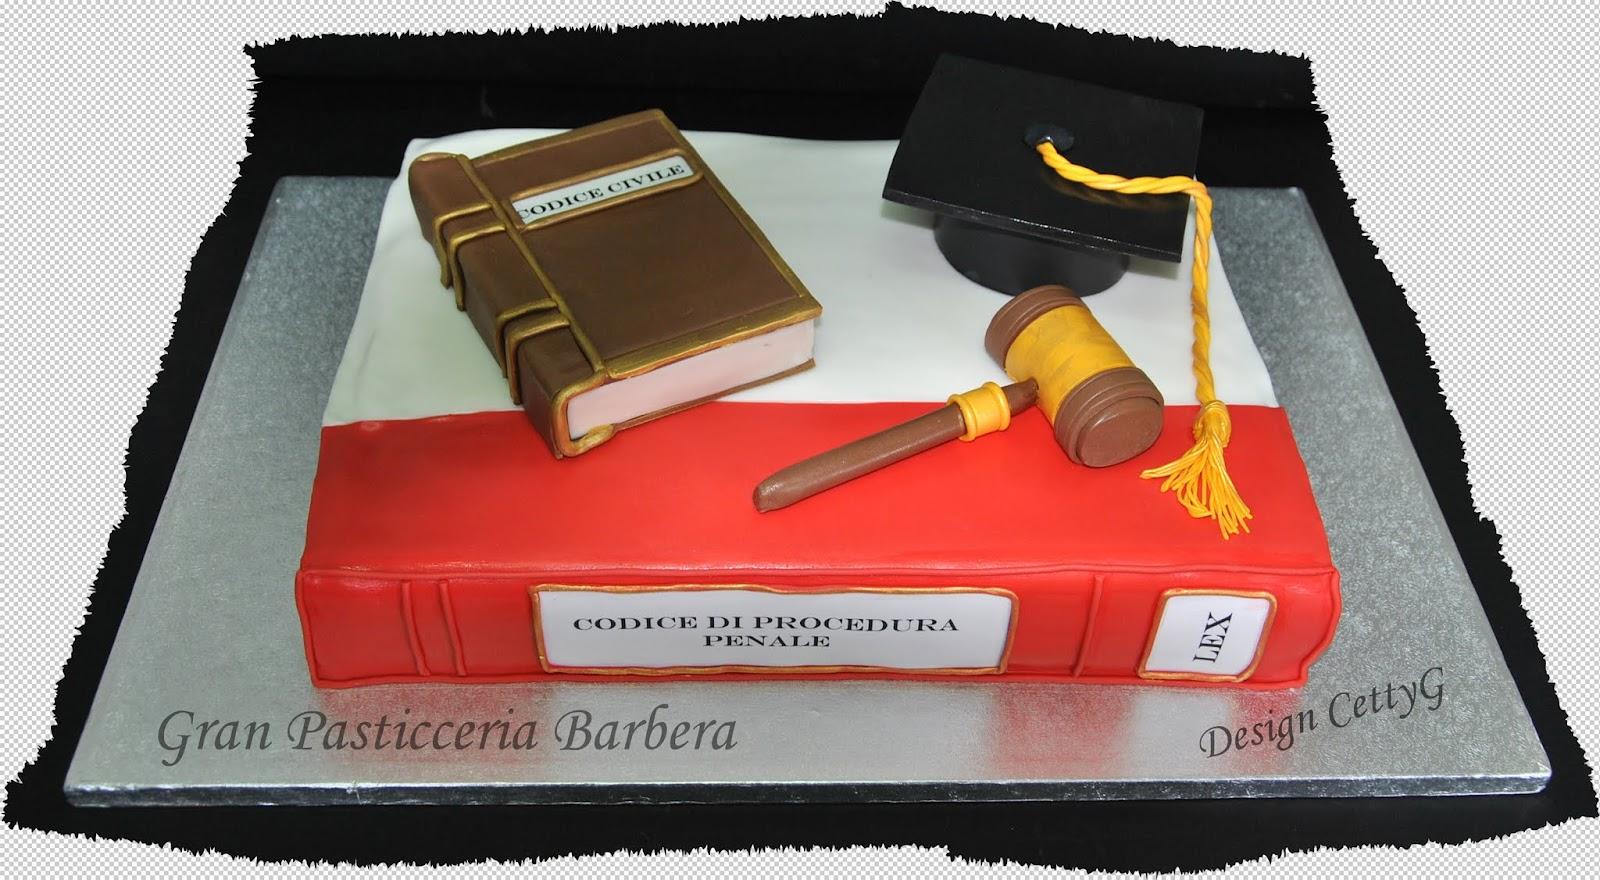 Decorazioni Sala Laurea : Le torte decorate di cetty g laurea in giurisprudenza